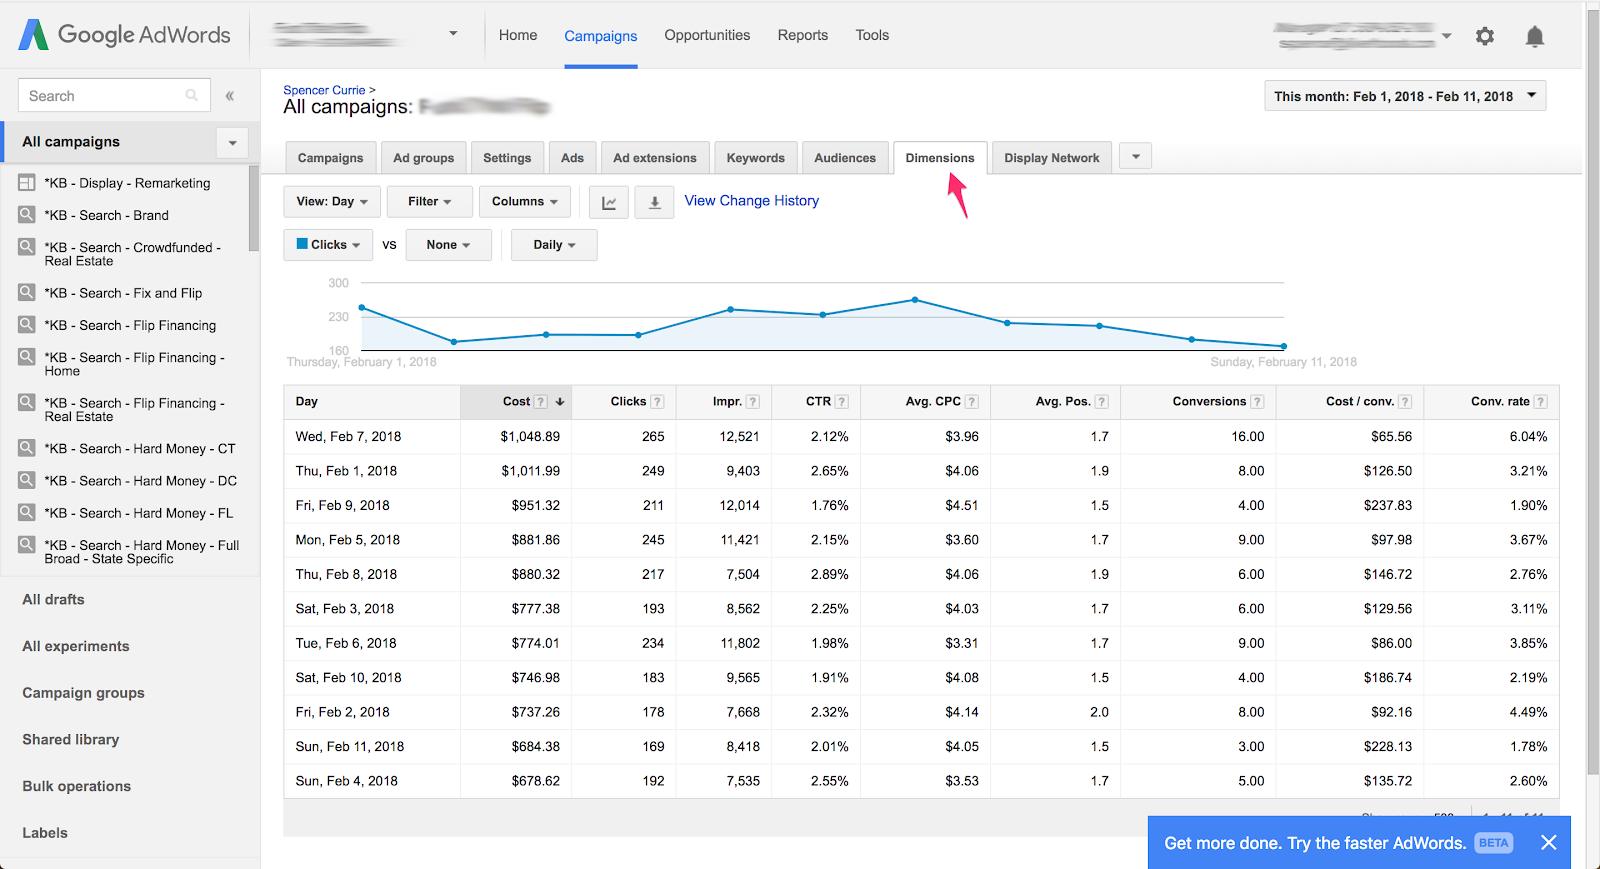 обновления AdWords и Google Ads